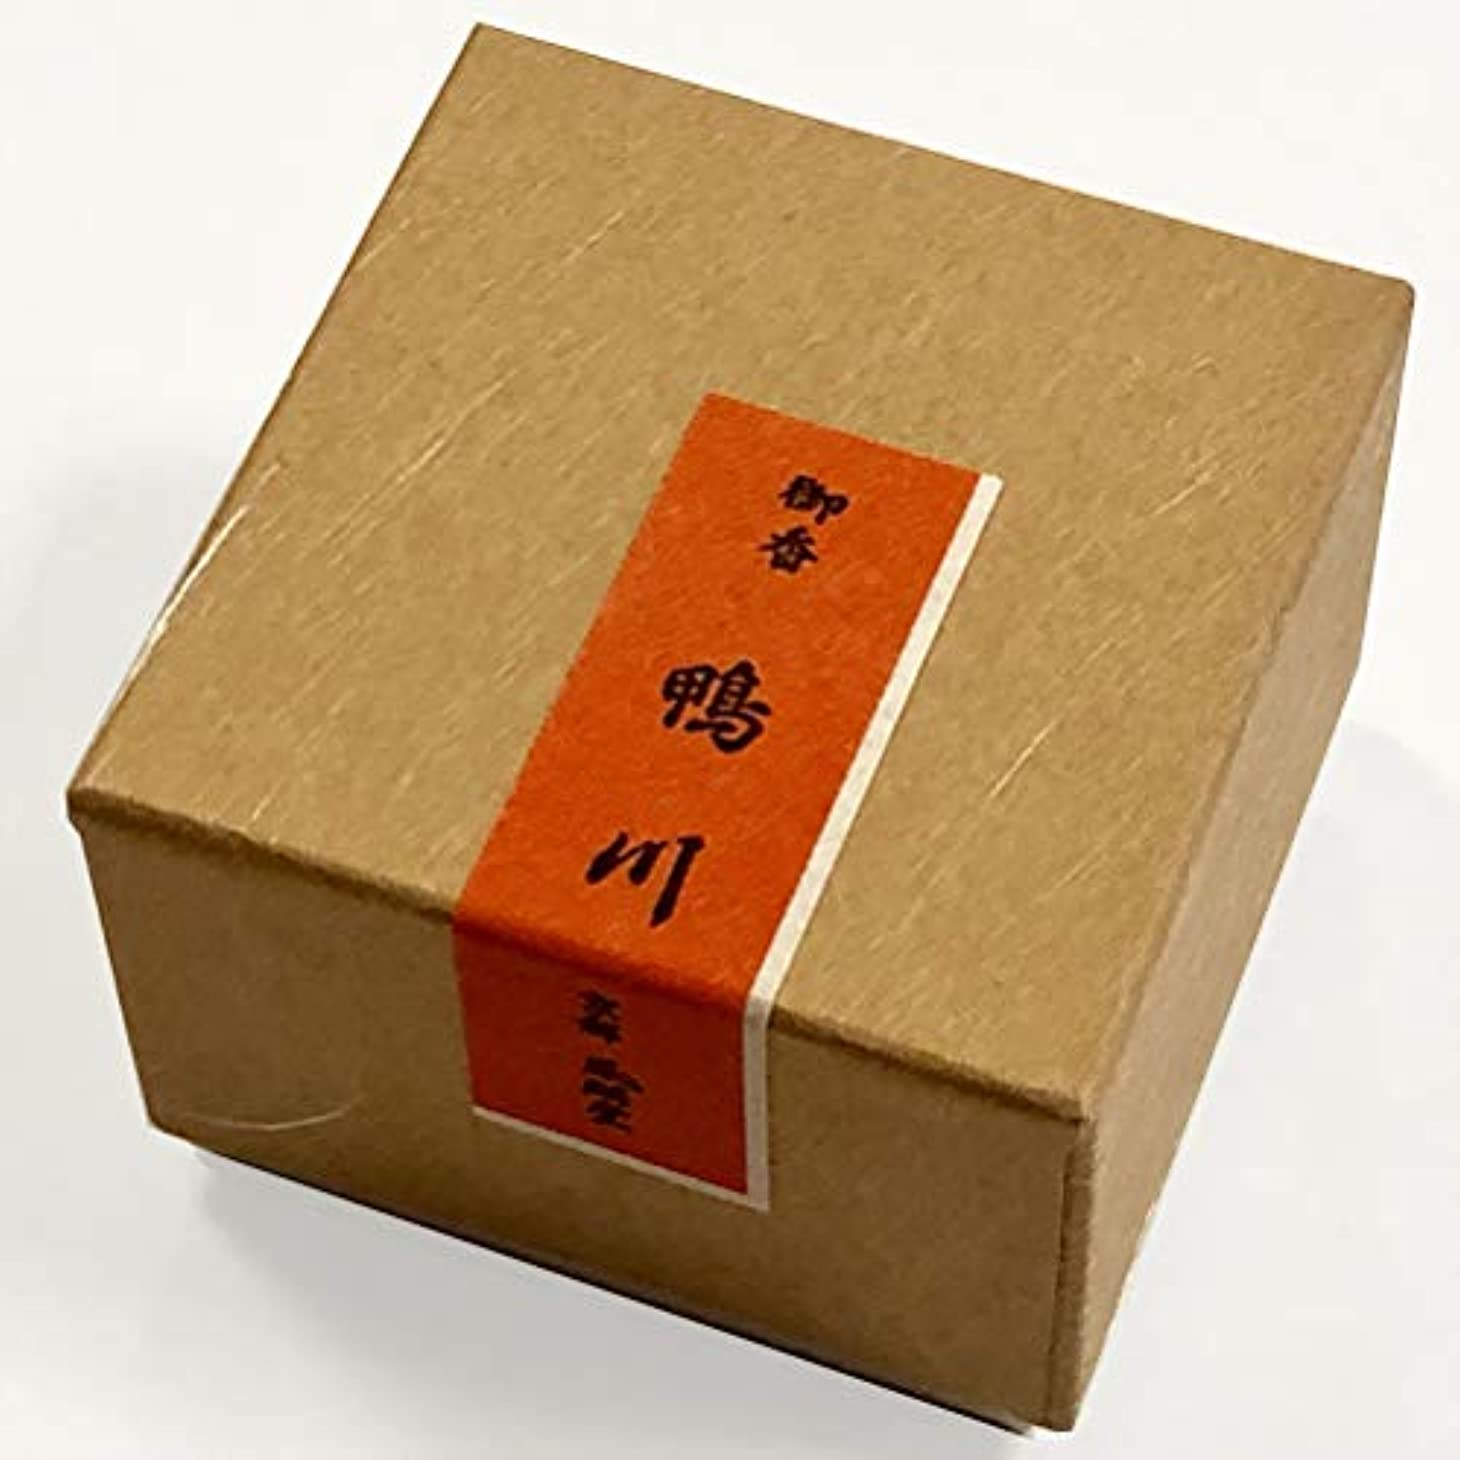 広大なかもめ葡萄御香 鴨川 京都風翔堂 (巻線香タイプ10枚入)